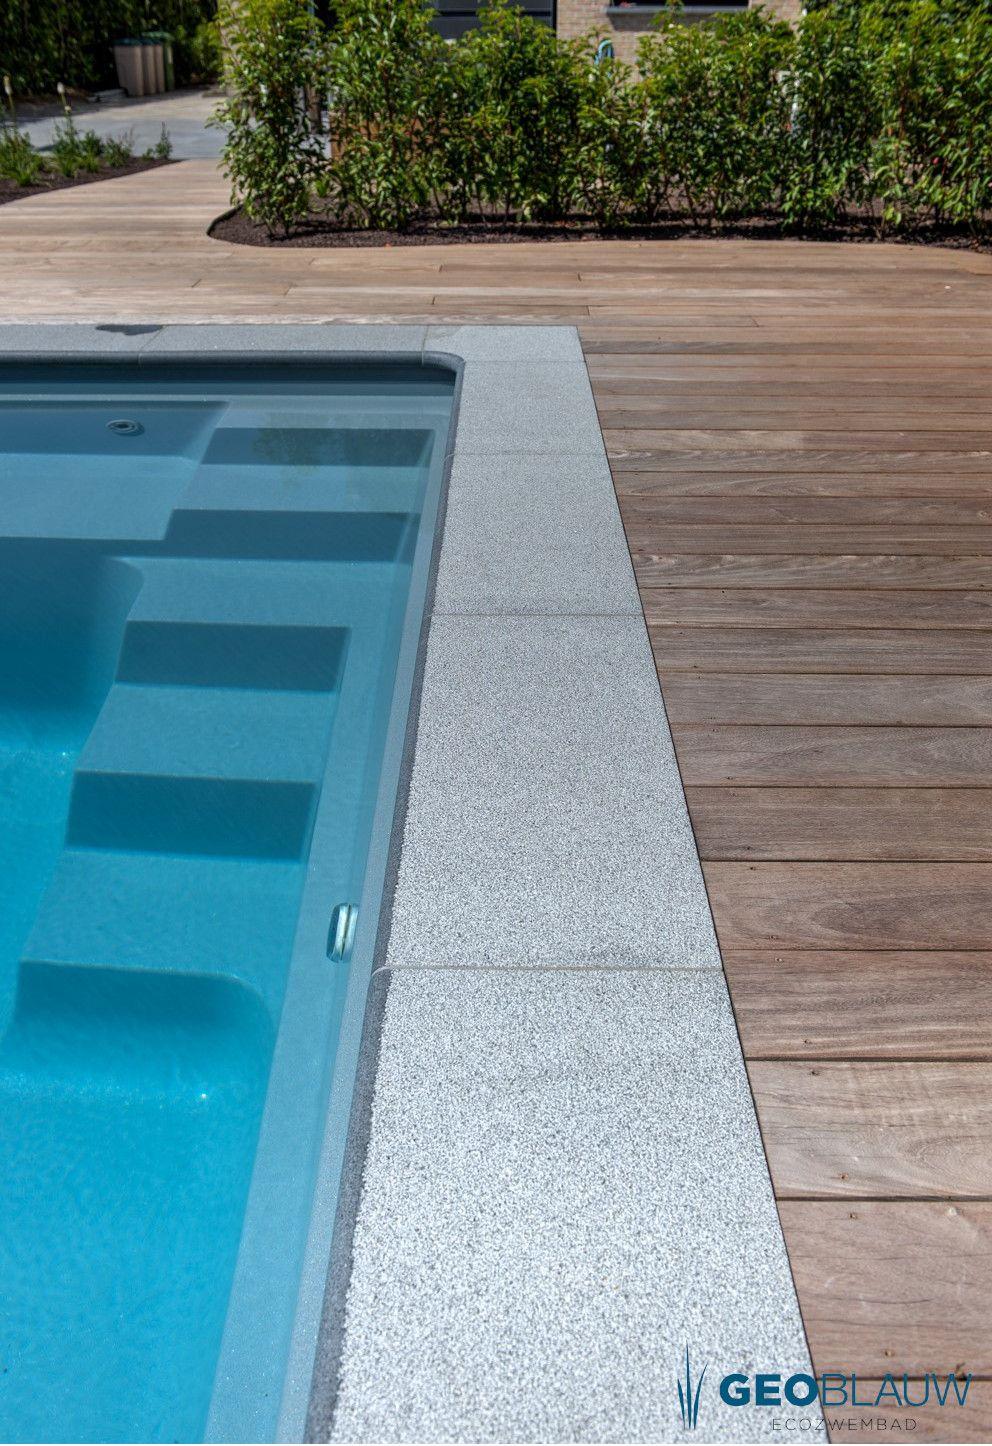 Mooi Houten Terras Bij Dit Zwembad Geoblauw Met Afbeeldingen